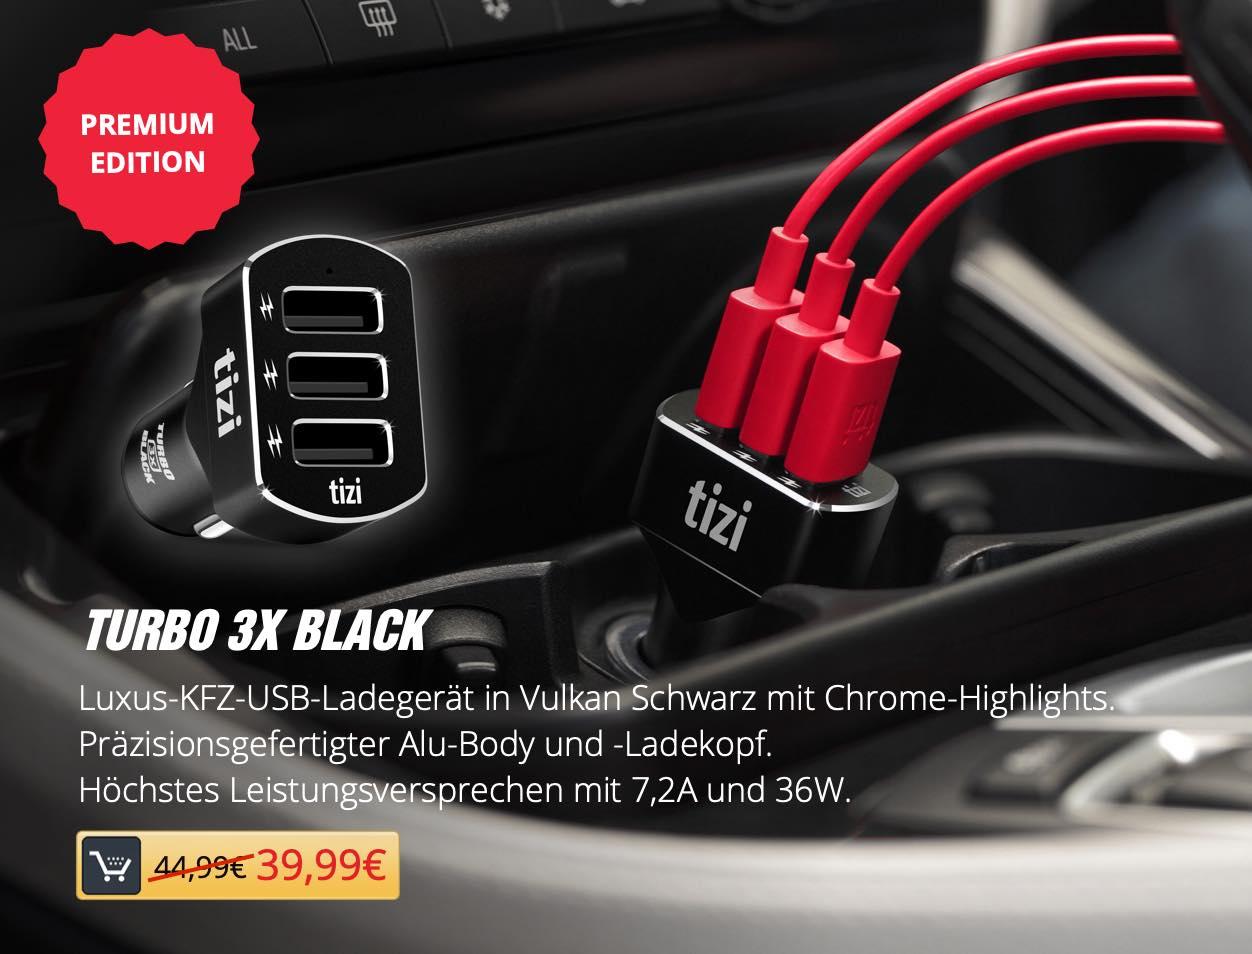 tizi Turbo 3x BLACK